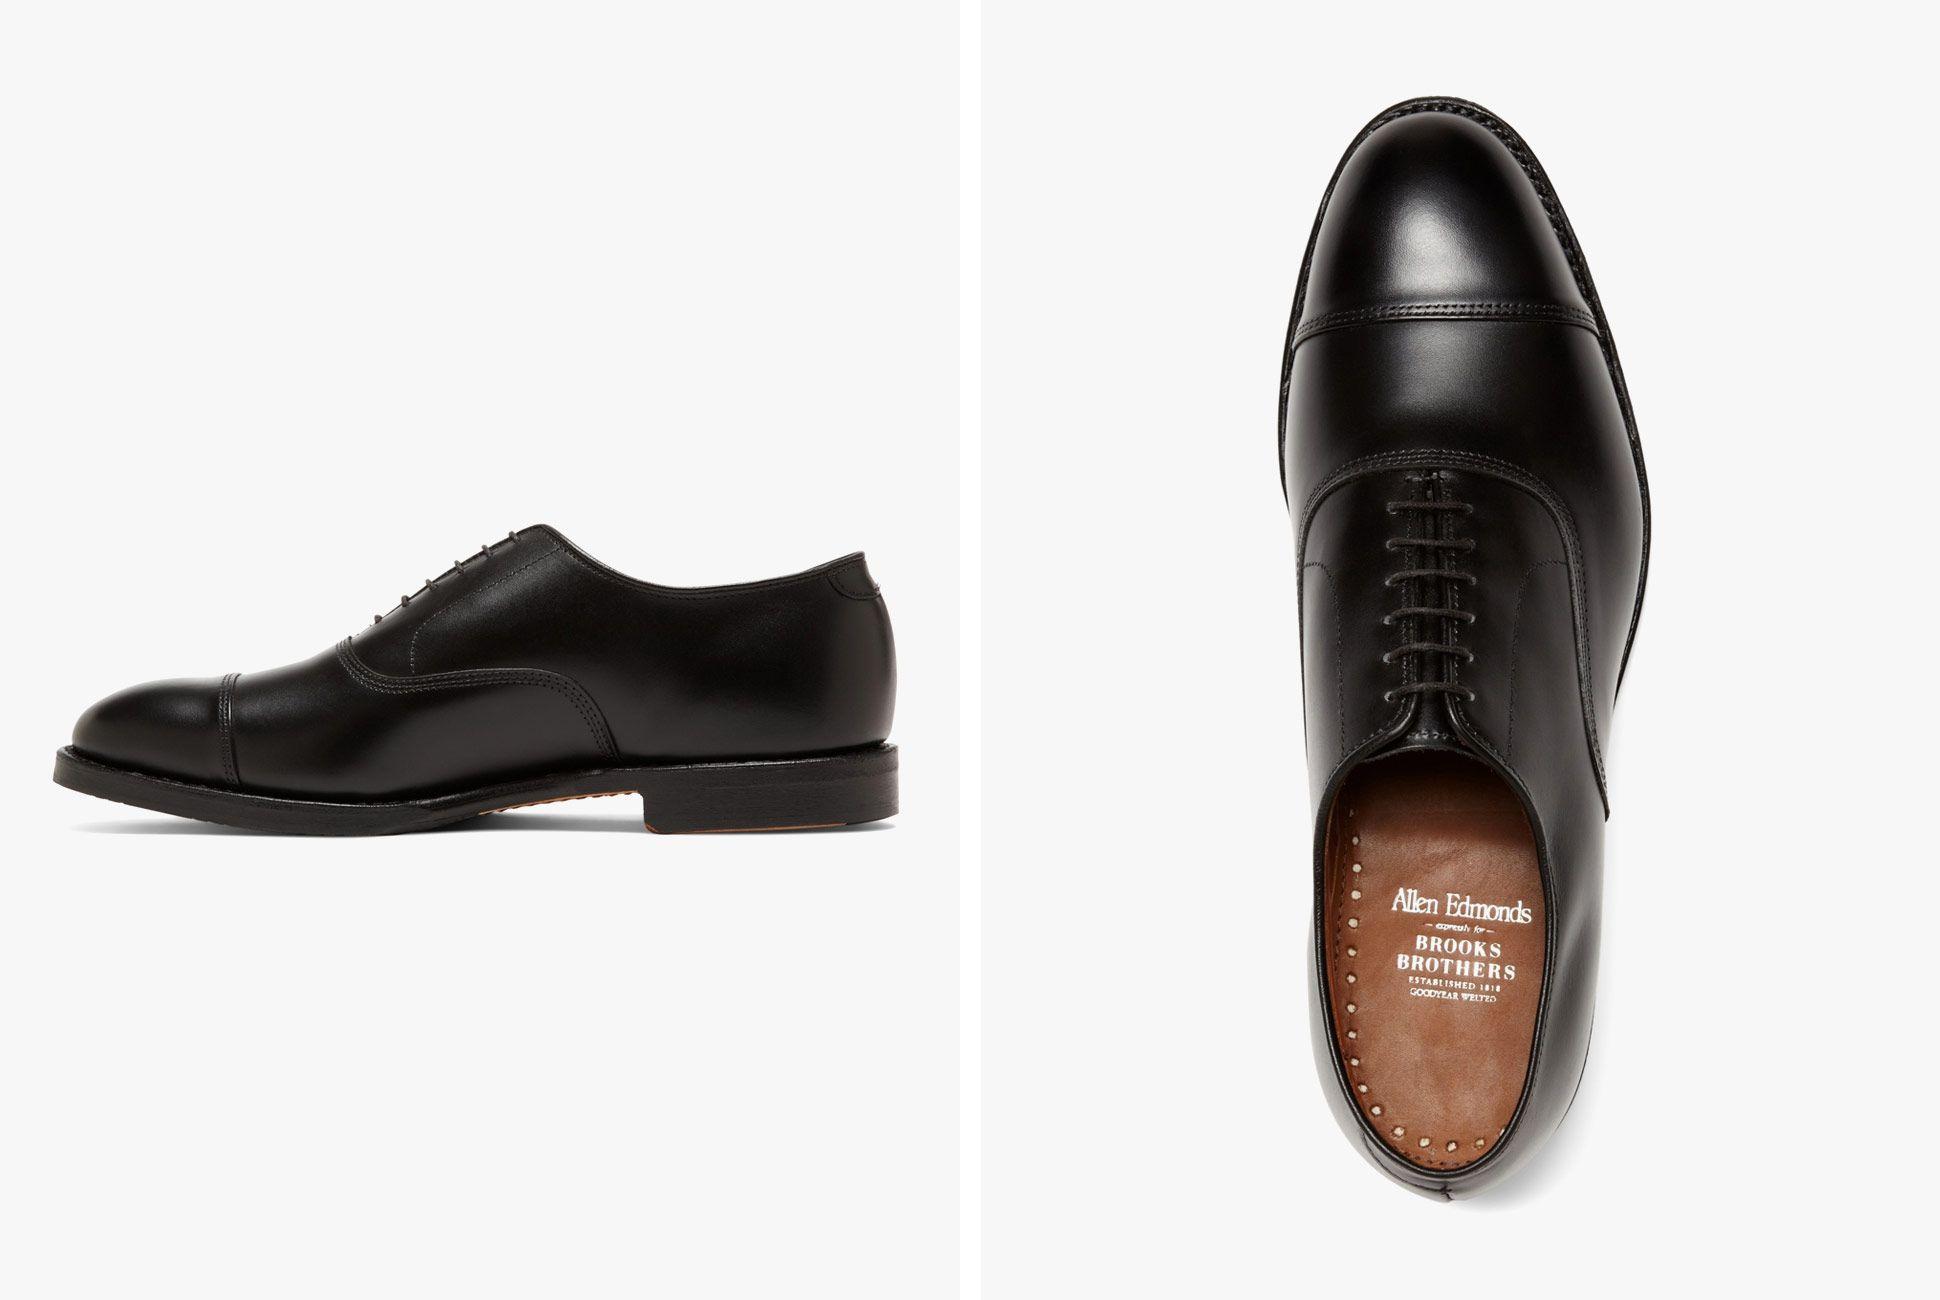 Gold Standard of Black Dress Shoes